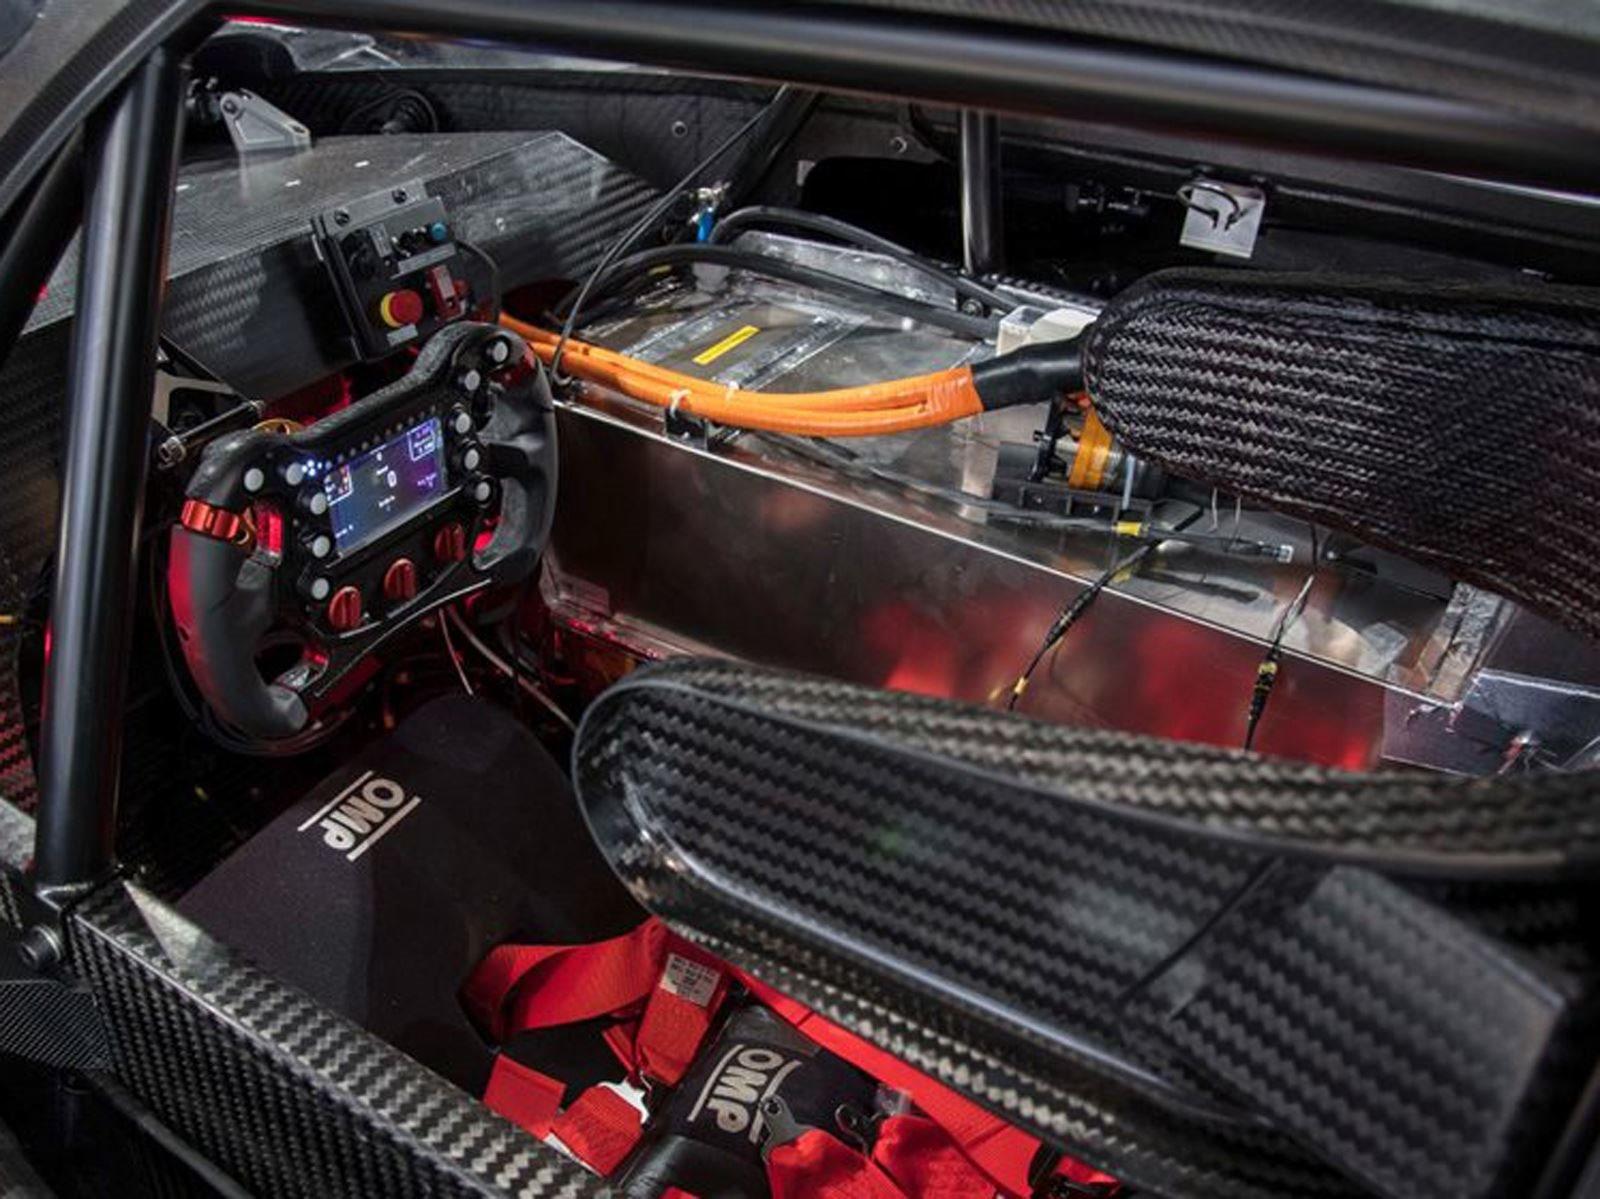 Ромен Дюма, который будет пилотировать гоночный автомобиль на Pikes Peak, также находится за рулем во время всех испытаний.